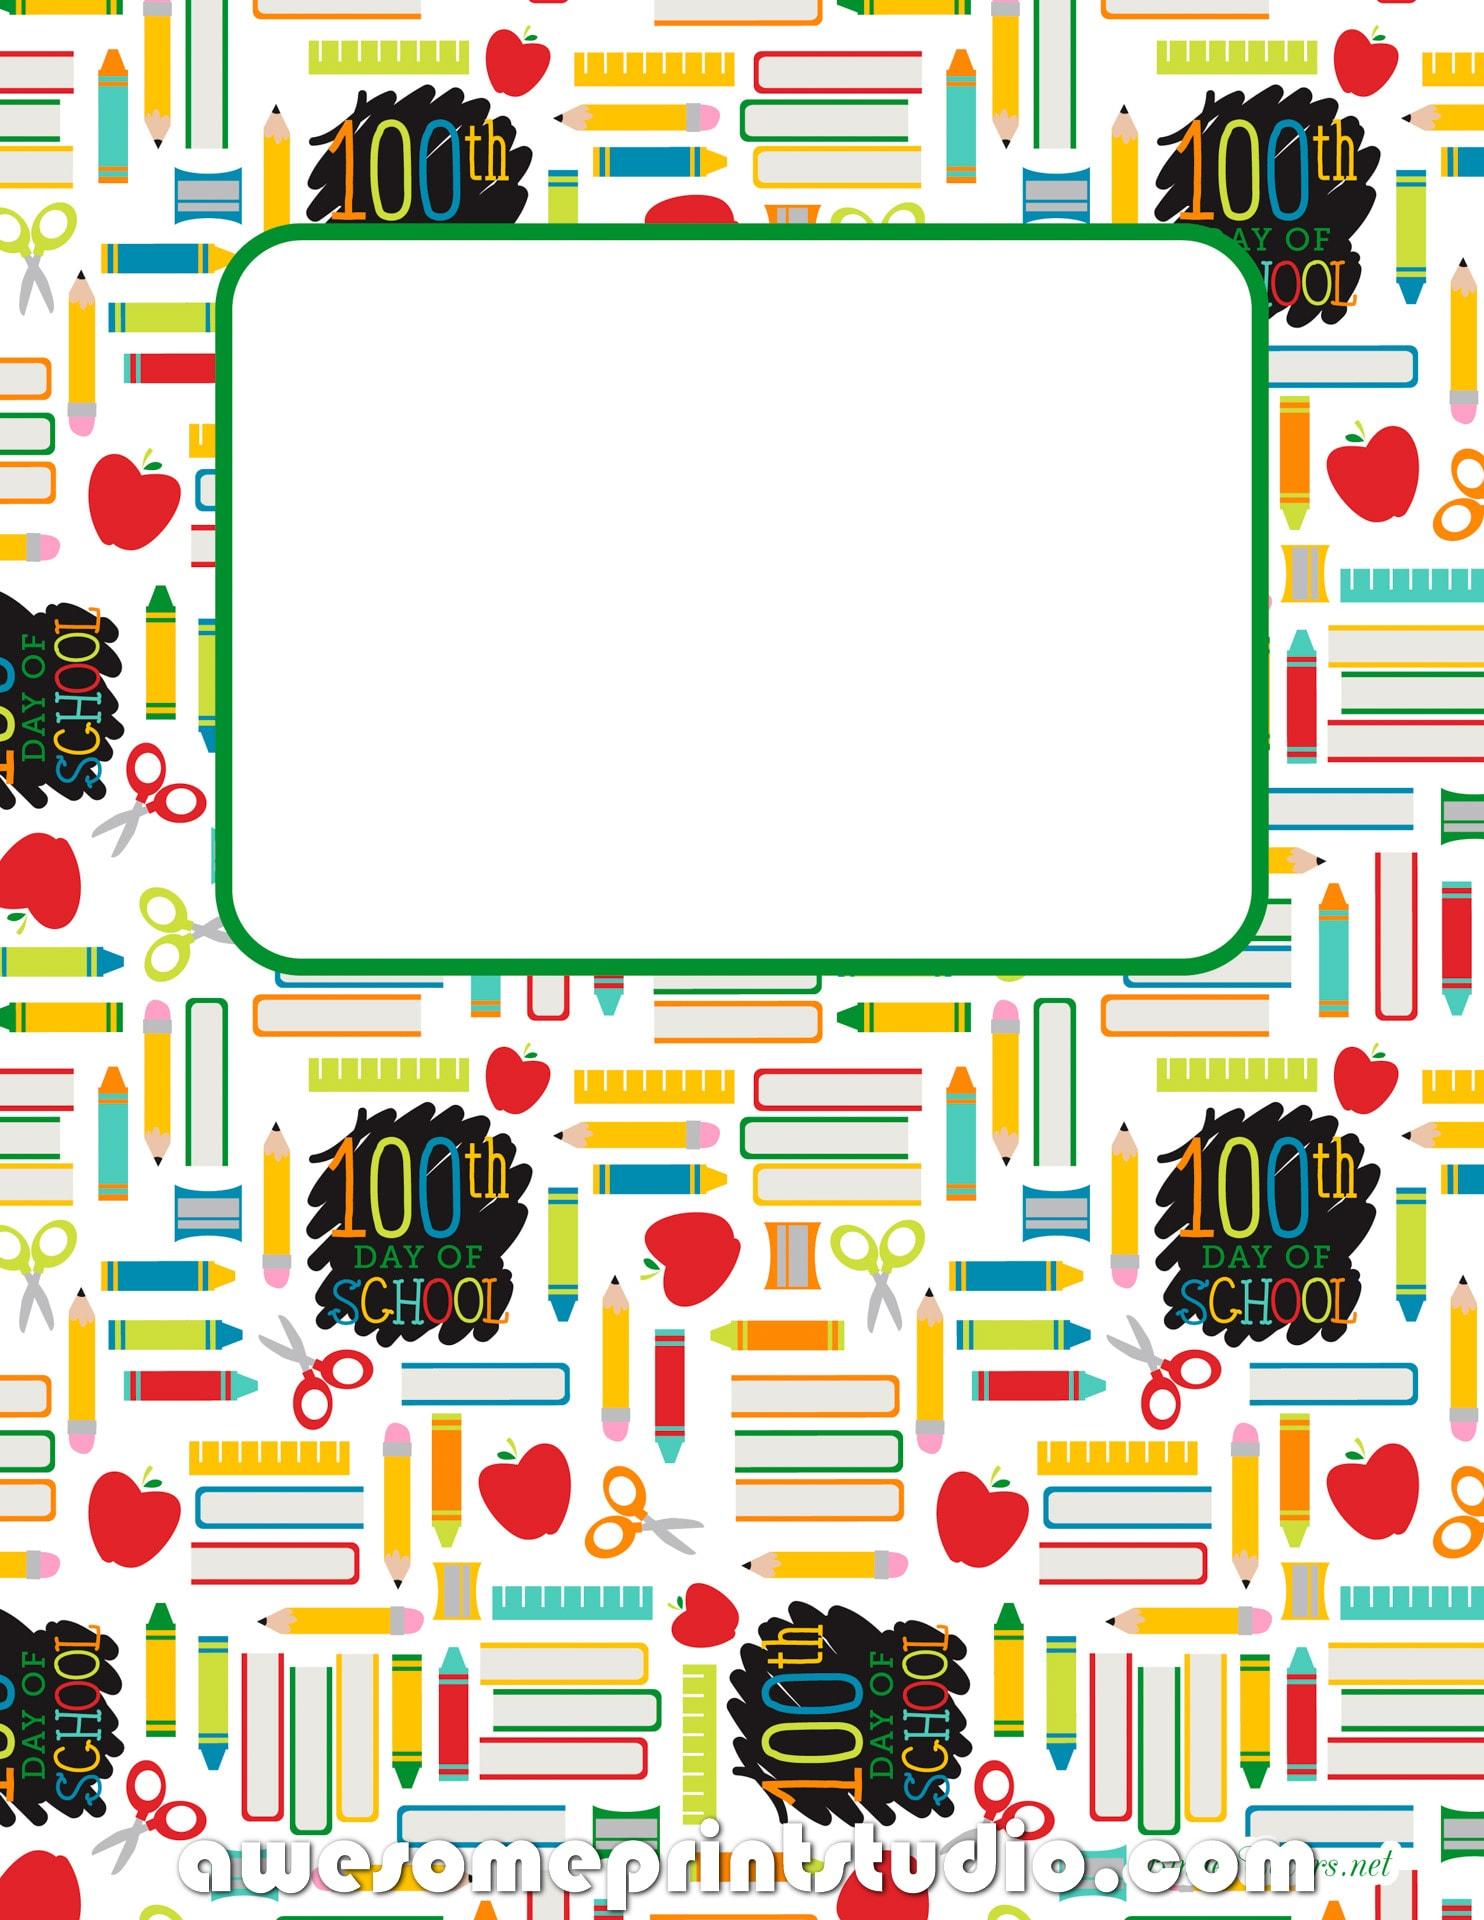 распечатать красивые обложки для тетрадей 100 дней в школе